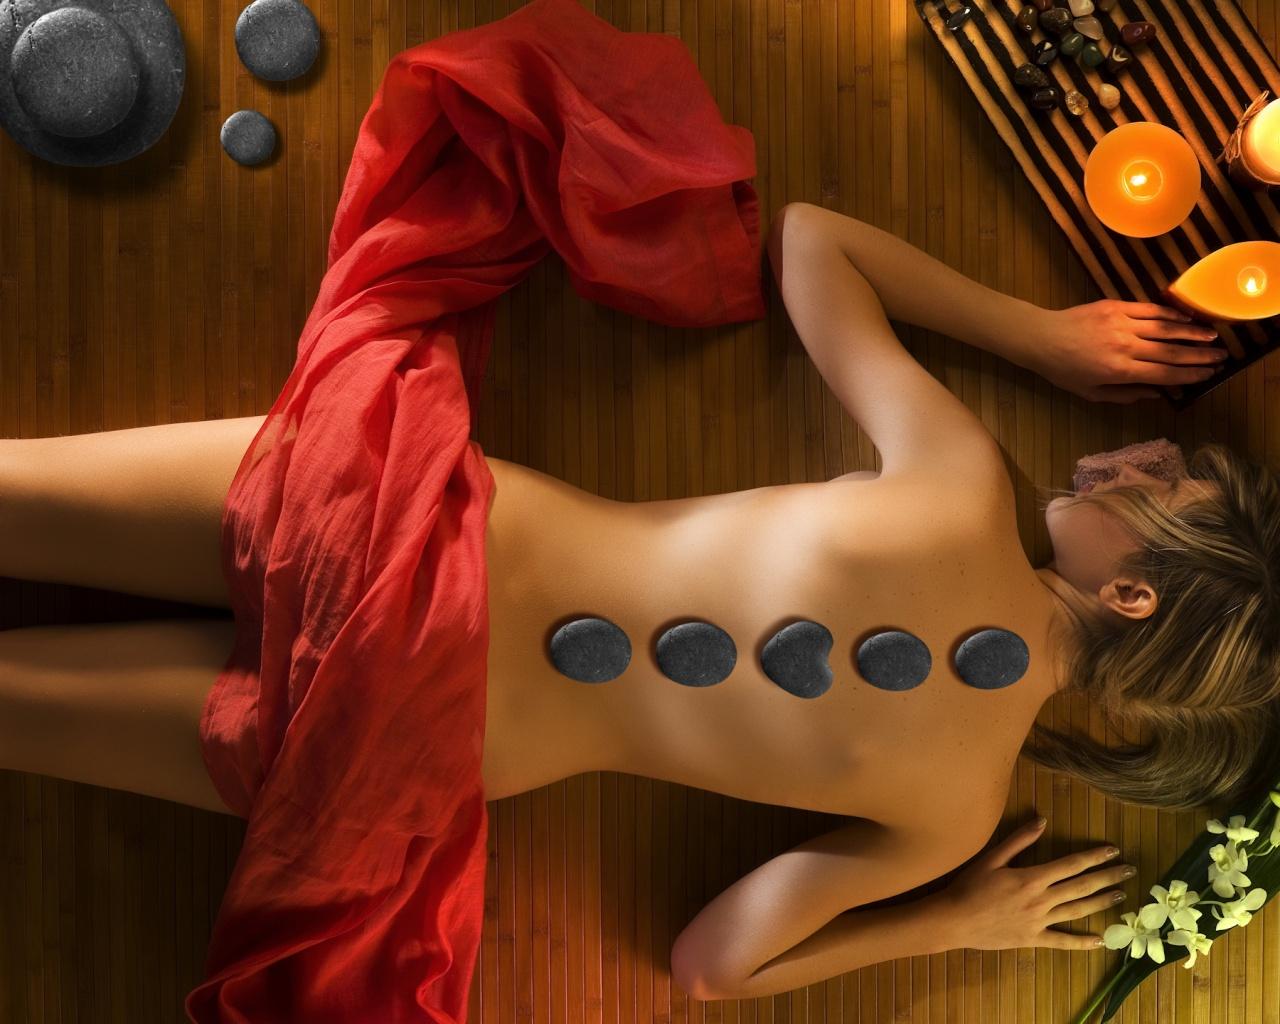 http://2.bp.blogspot.com/_NYX6vK-FEug/TPfnKrCfTFI/AAAAAAAAAJE/XuwTZmm6fj8/s1600/Creative_Wallpaper_Massage_015972_.jpg